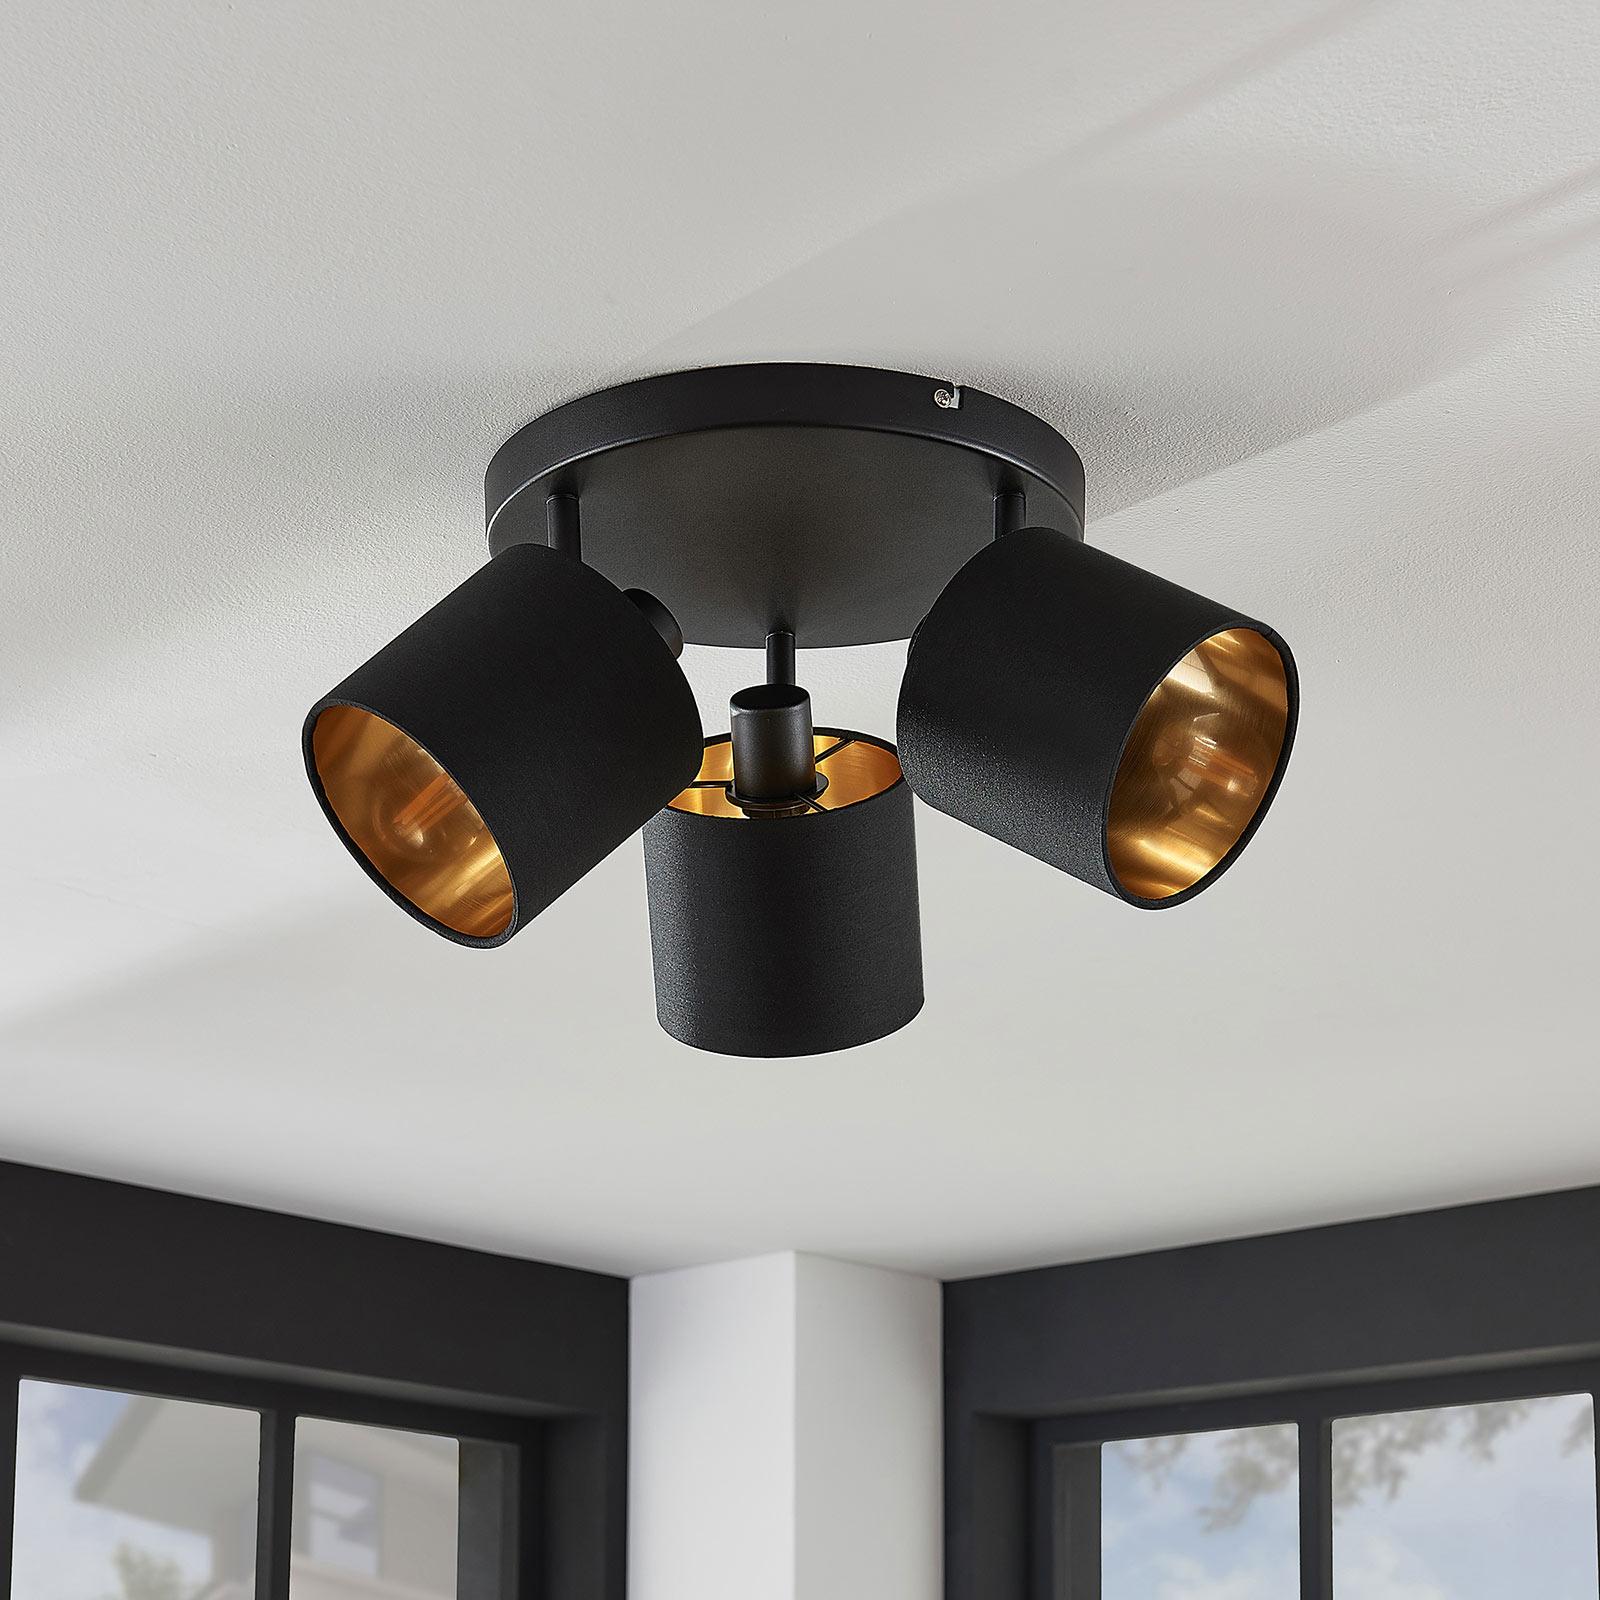 Stoff taklampe Vasilia i svart gull, 3 lyskilder